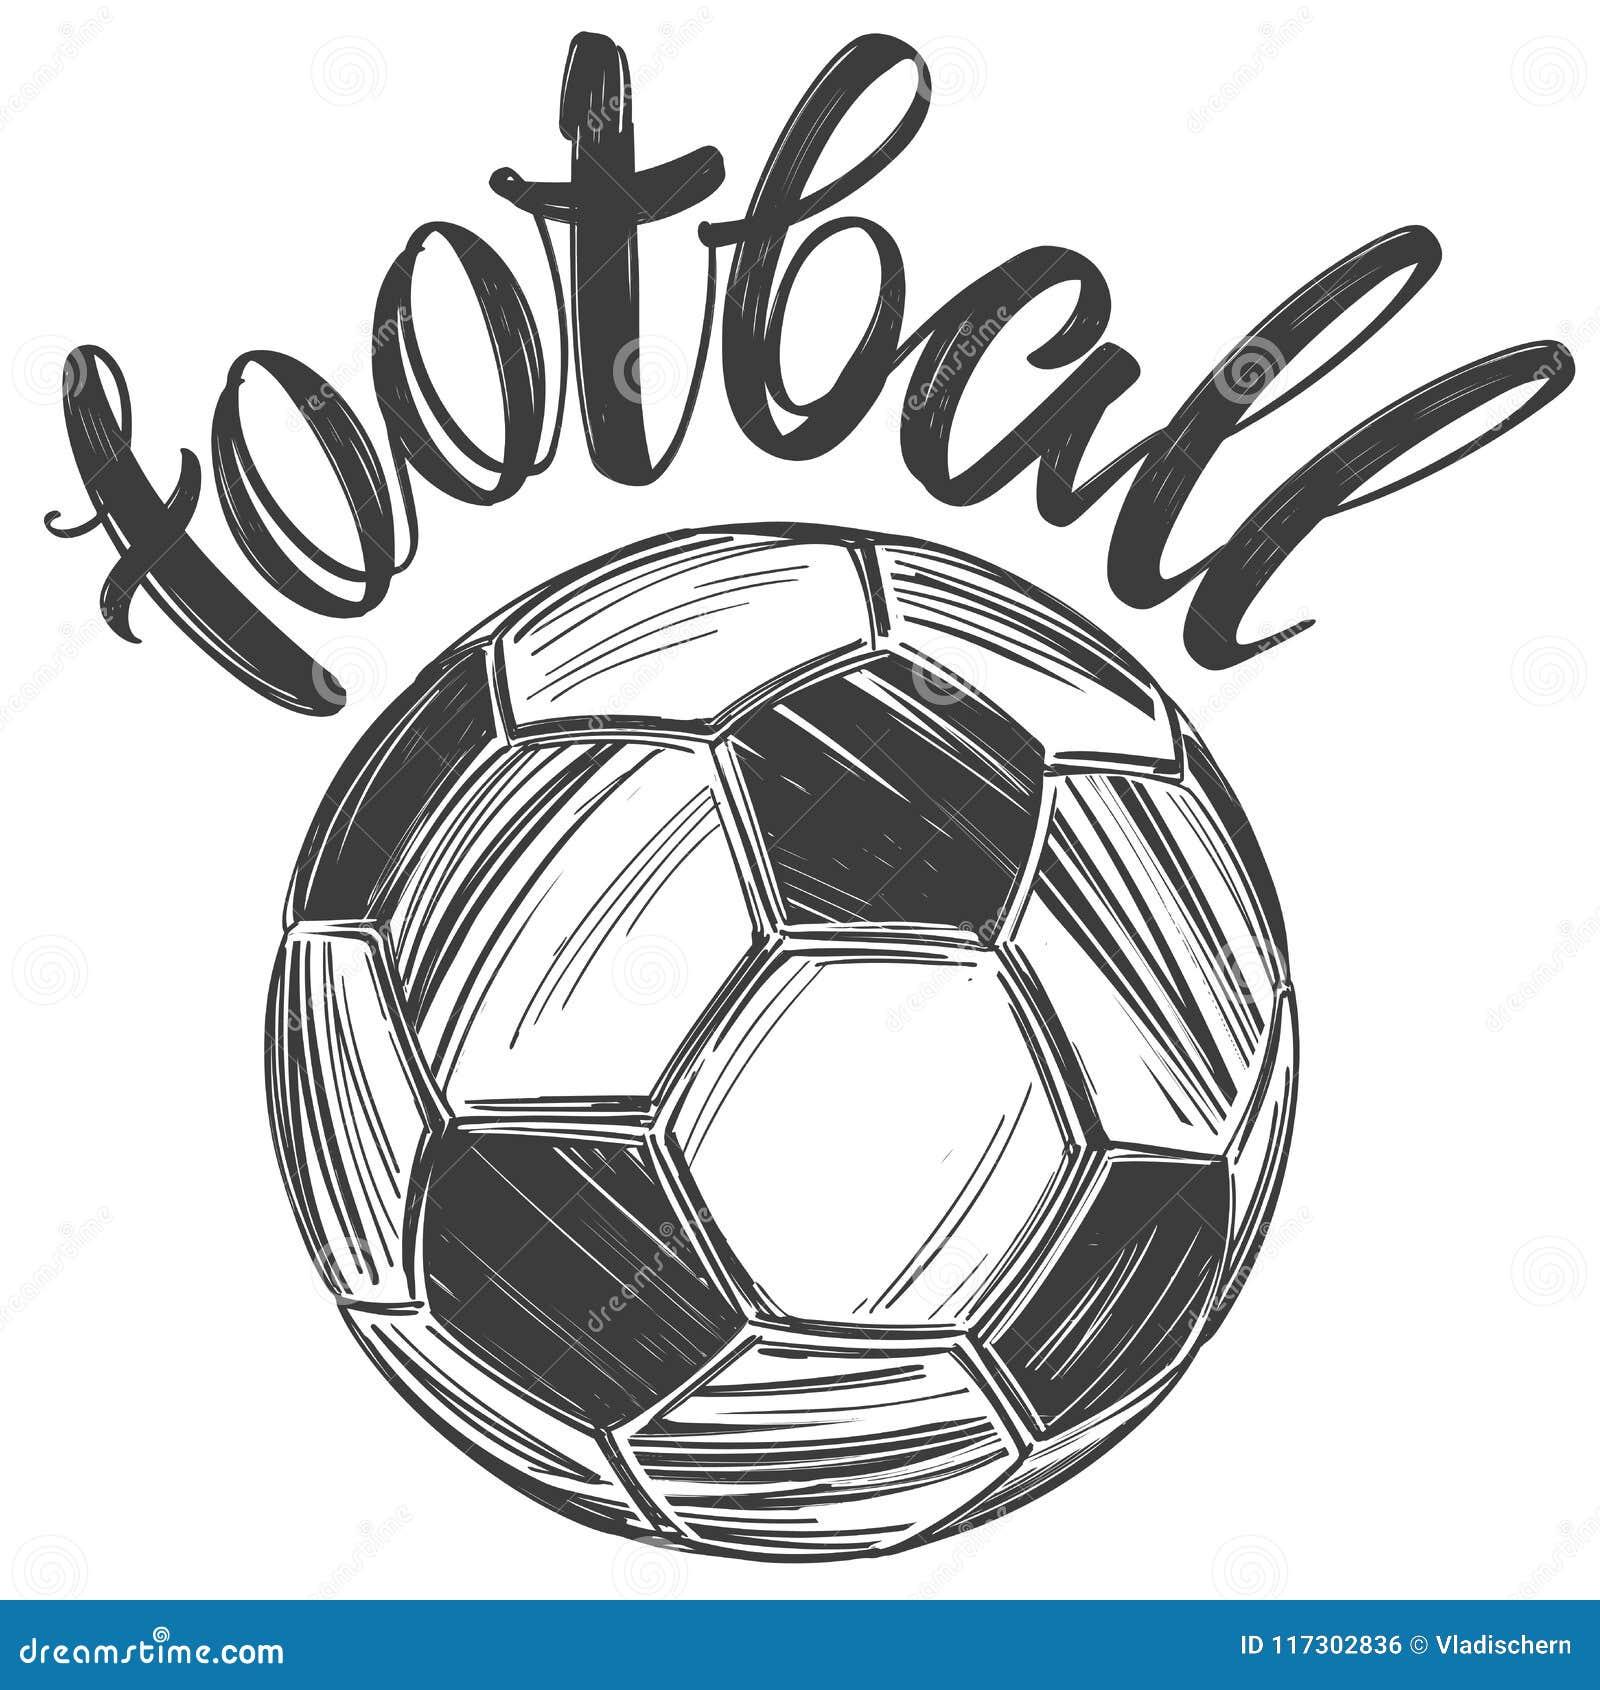 9aede613256521 Футбол, футбольный мяч, резвится игра, каллиграфический текст, эскиз  иллюстрации вектора знака эмблемы нарисованный рукой